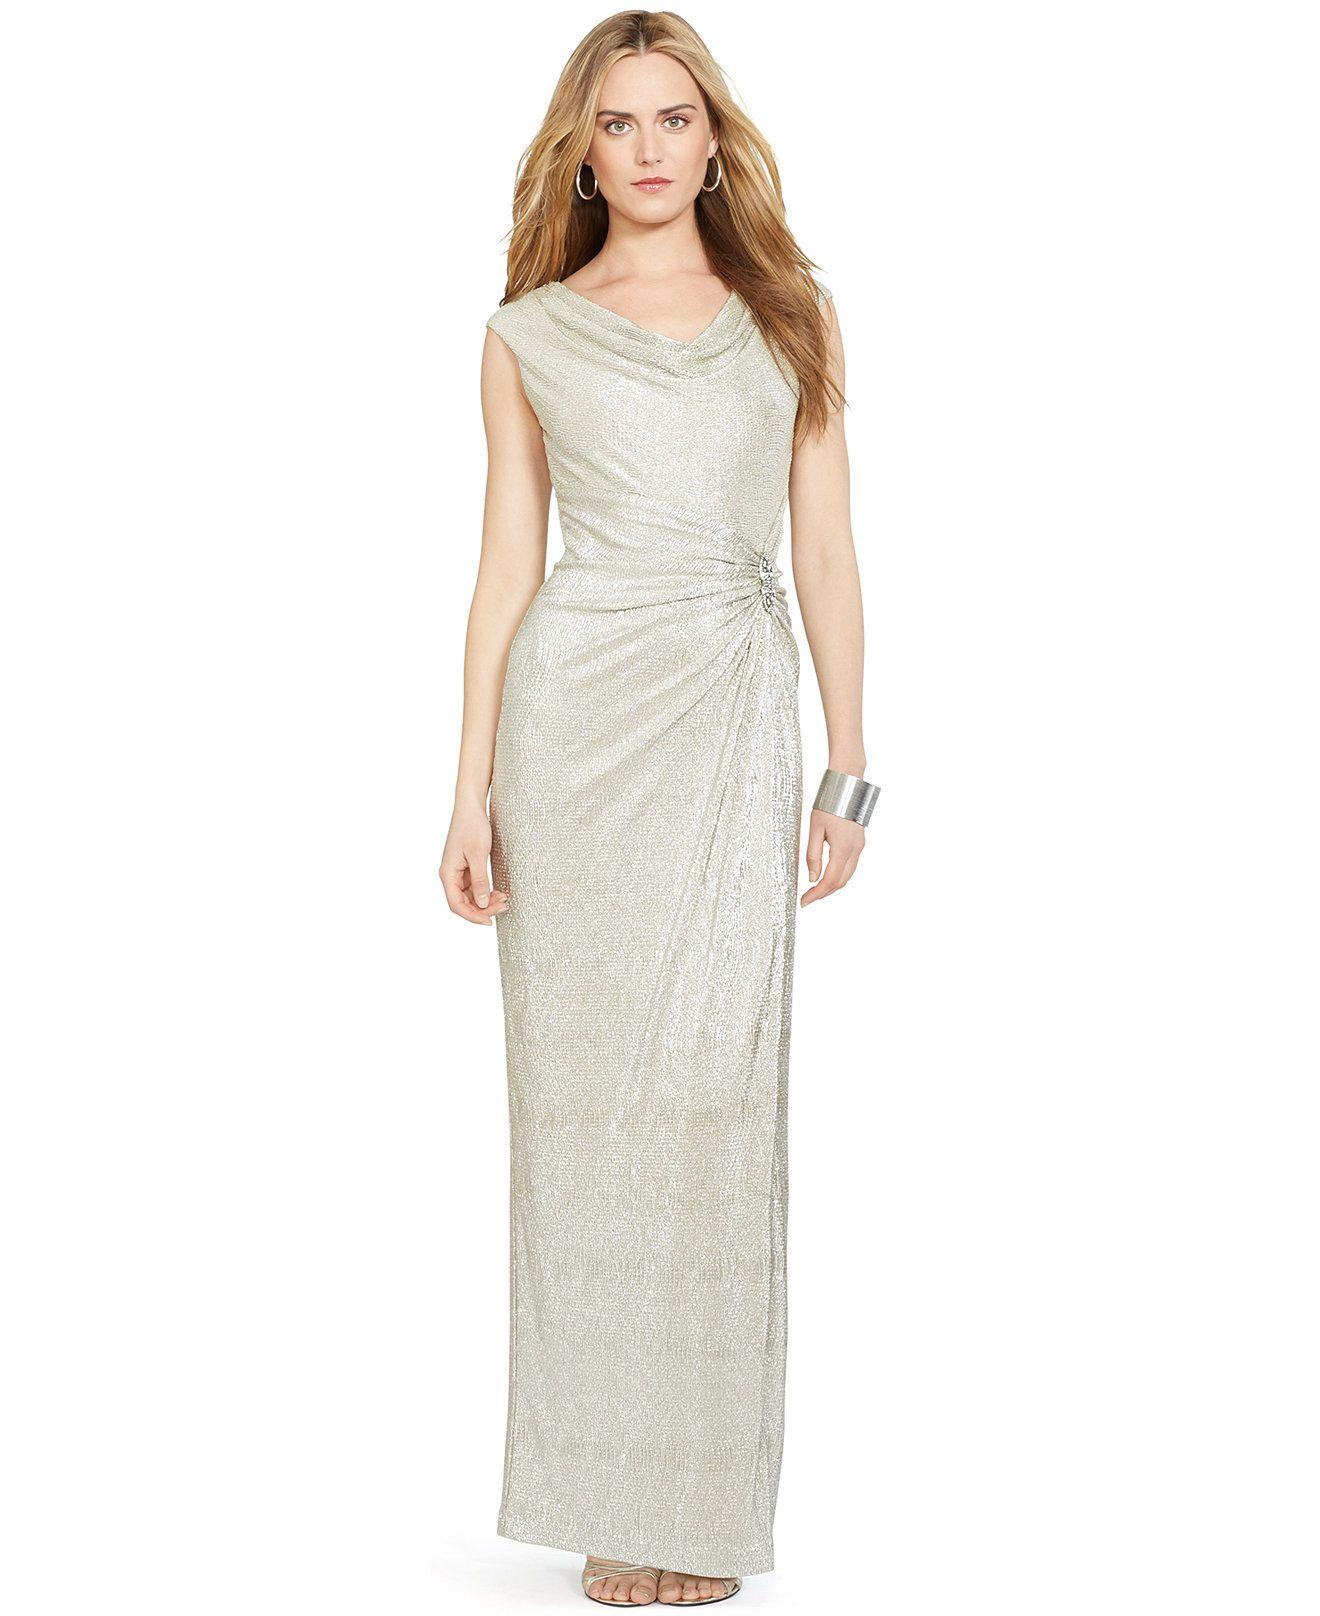 4c901ed3b72 Lauren Ralph Lauren Metallic Cowlneck Gown - Dresses - Women - Macy s